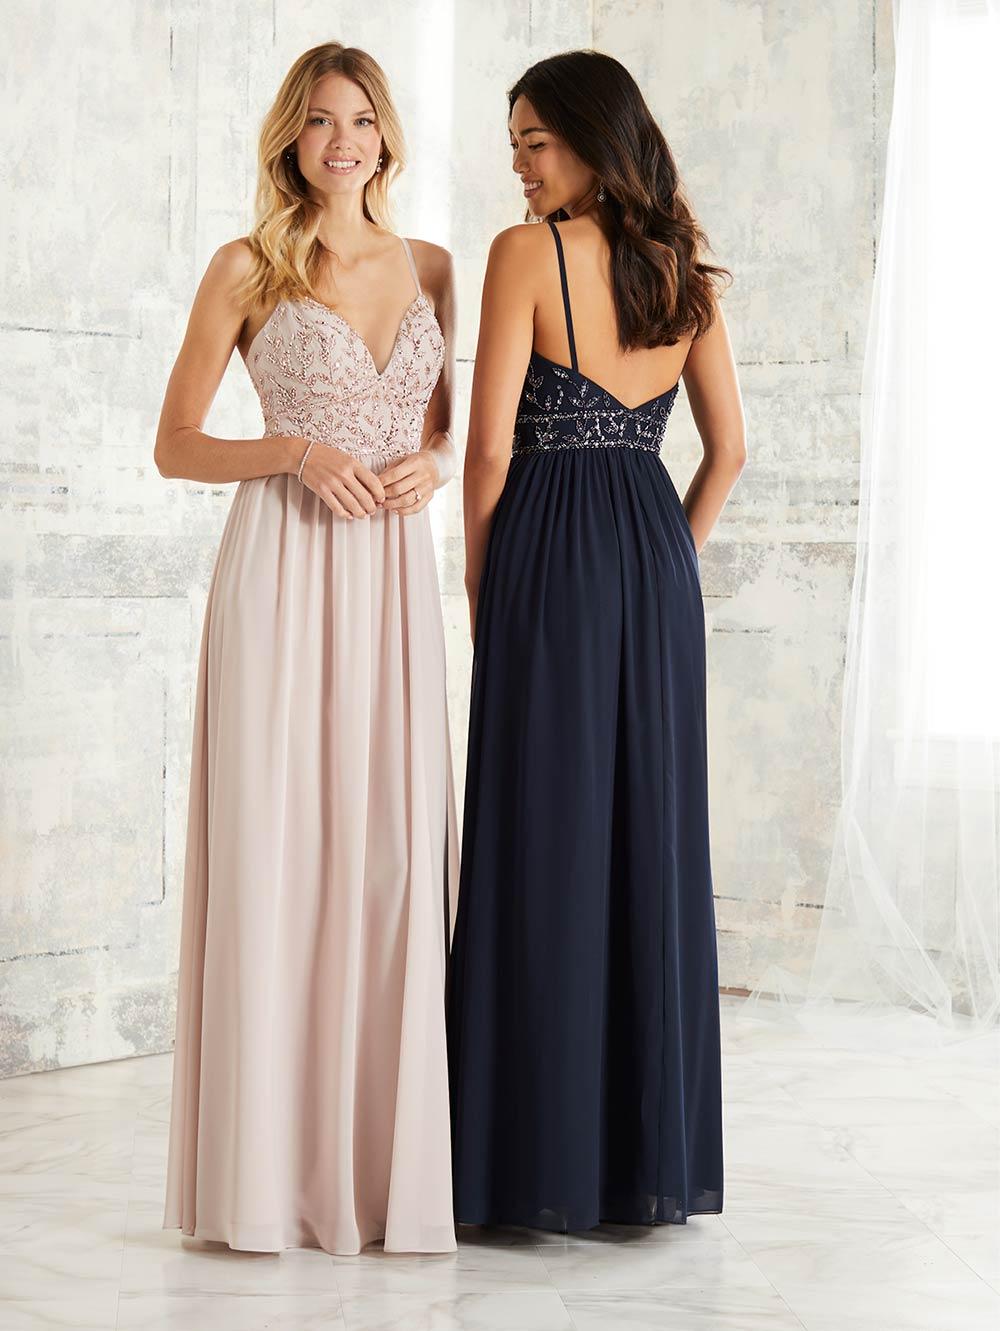 bridesmaid-dresses-adrianna-papell-platinum-27854